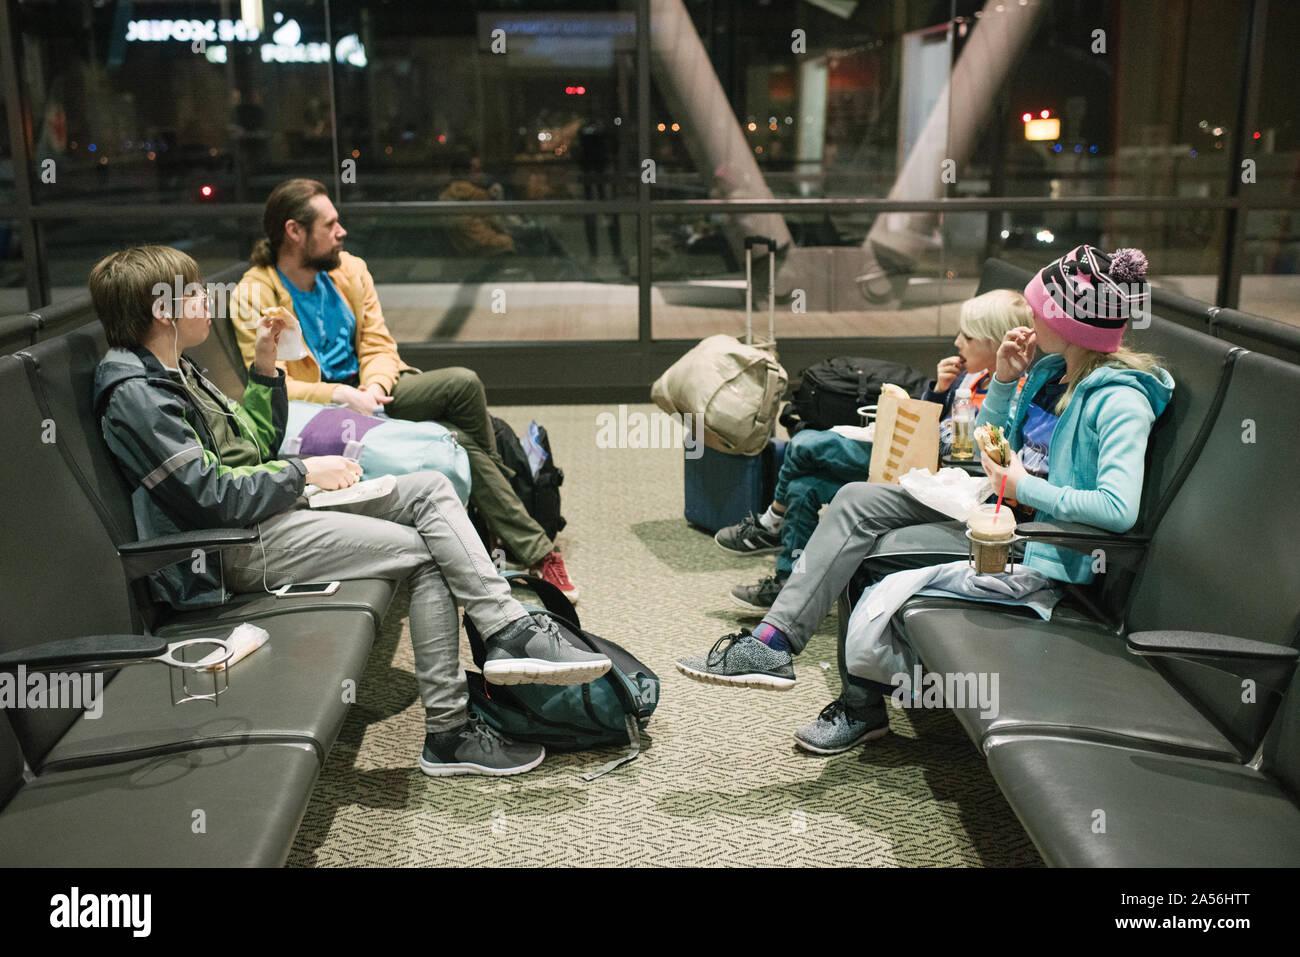 Homme mature avec fils et fille en attente dans la salle d'embarquement de l'aéroport de manger des collations Banque D'Images